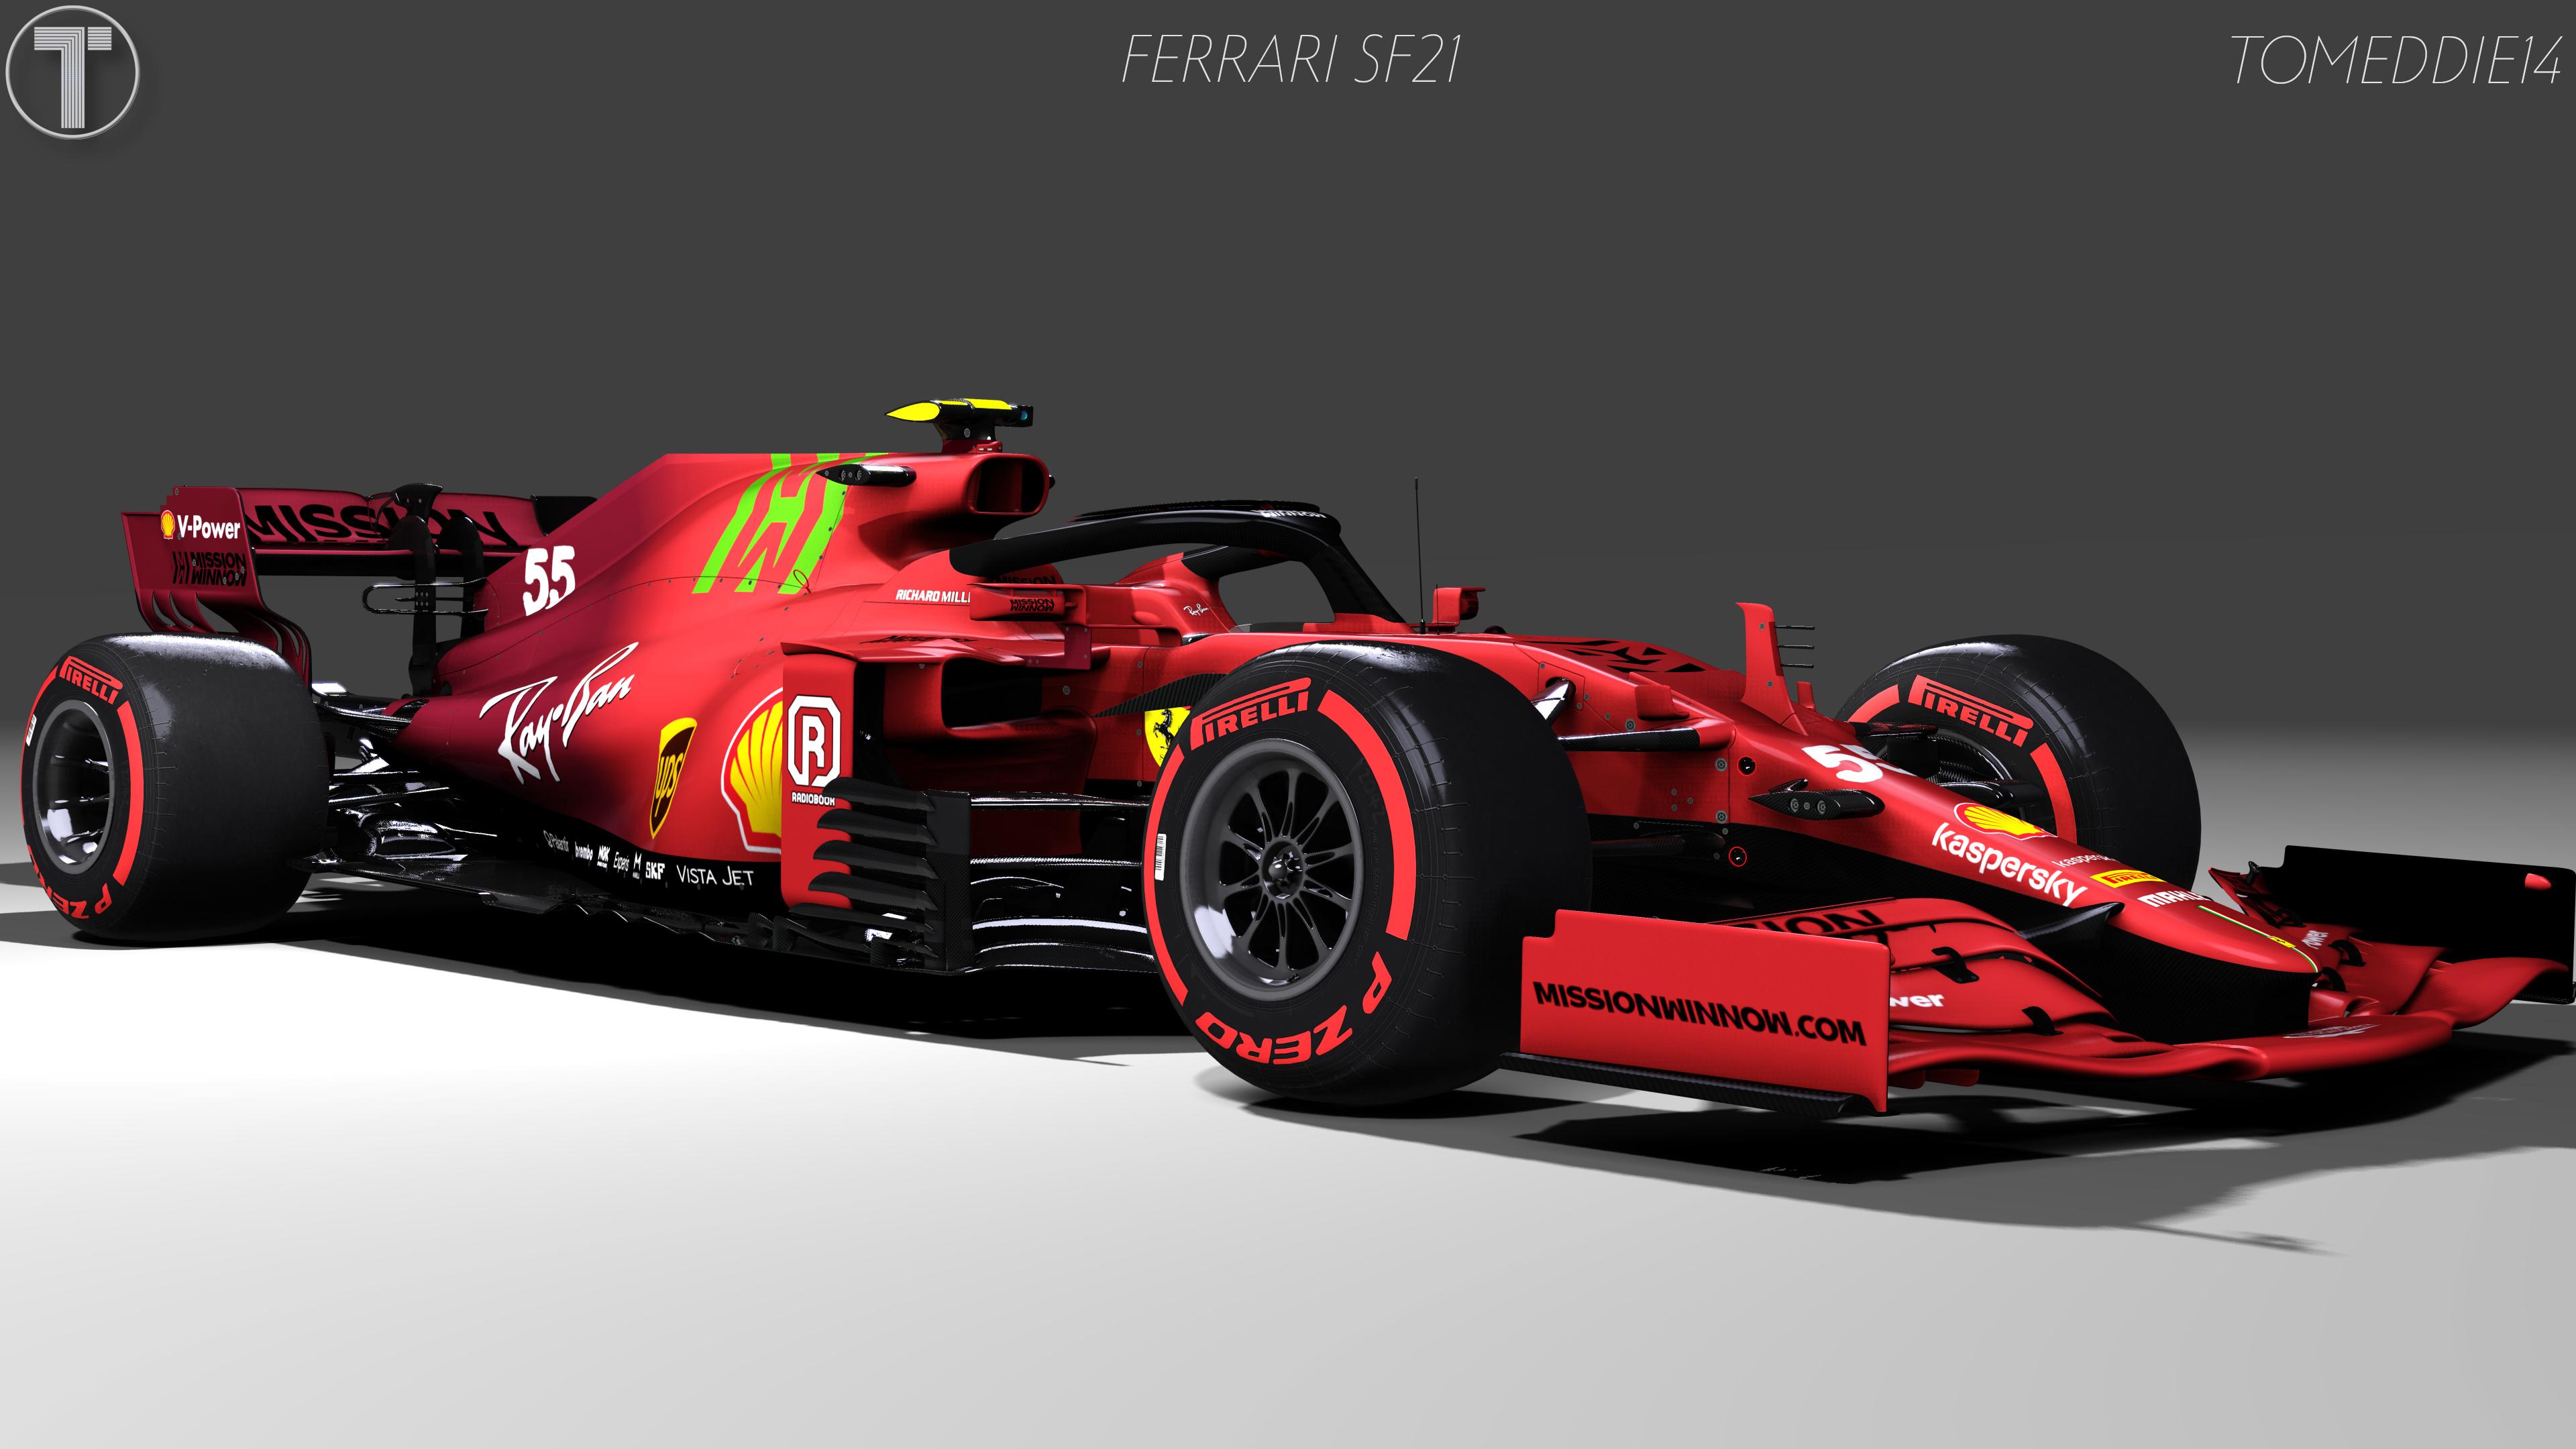 Ferrari SF21_55.4.jpg